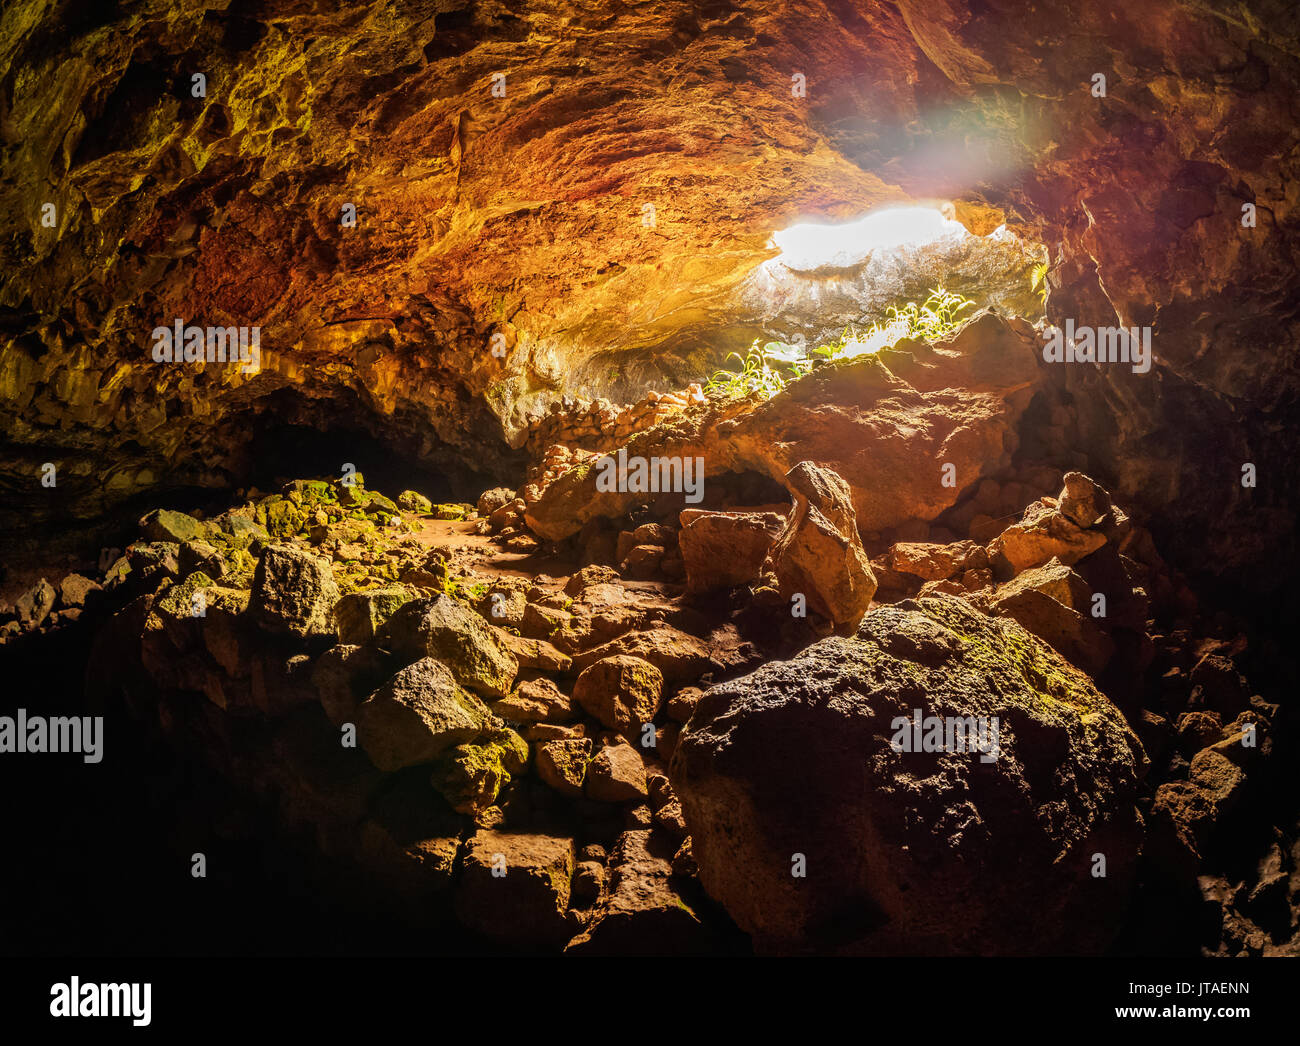 Ana Te Pahu Grotta, Parco Nazionale di Rapa Nui, Sito Patrimonio Mondiale dell'UNESCO, l'isola di pasqua, Cile, Sud America Immagini Stock